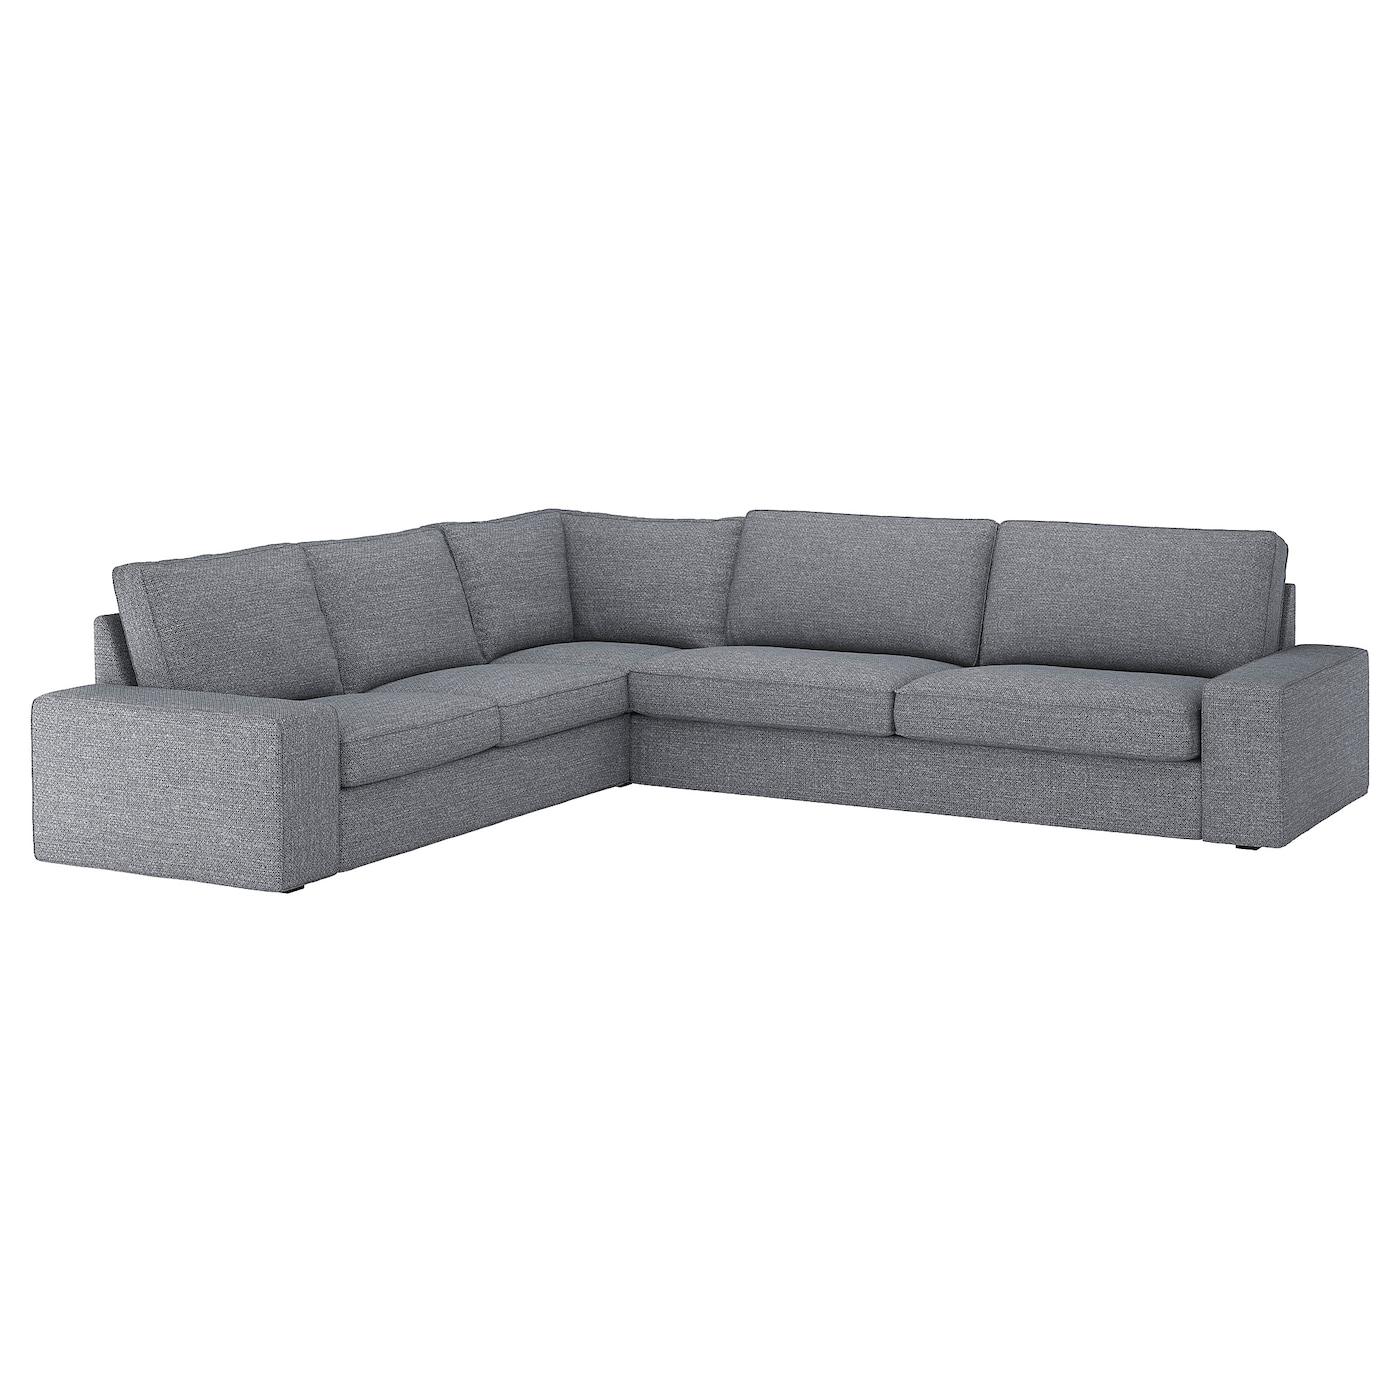 Kivik Canapé D'Angle, 5 Places - Lejde Gris/Noir dedans Canapé D'Angle 8 10 Places Ikea